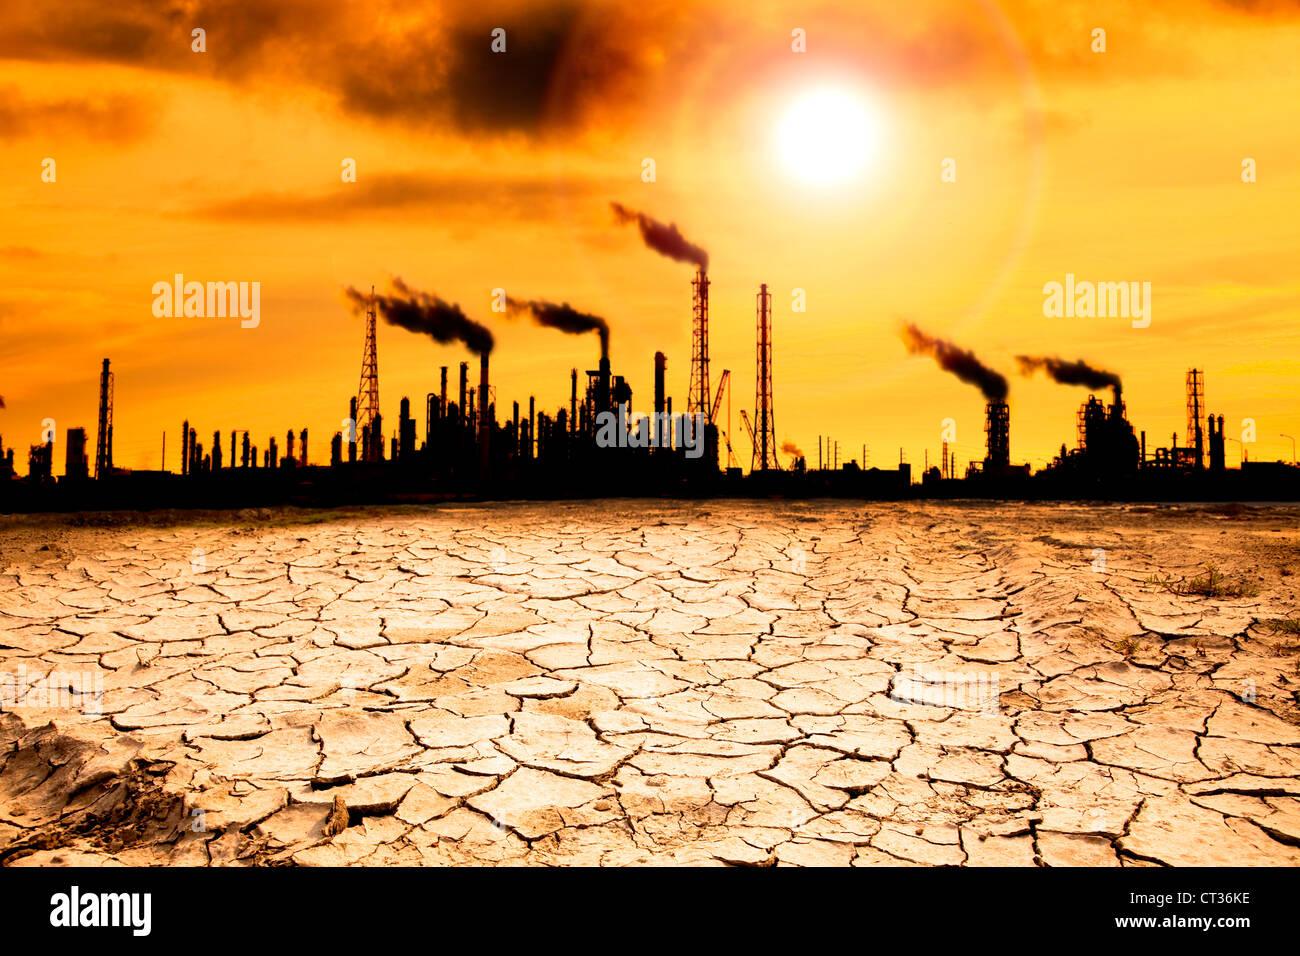 Raffineria di fumo e il riscaldamento globale concetto Immagini Stock